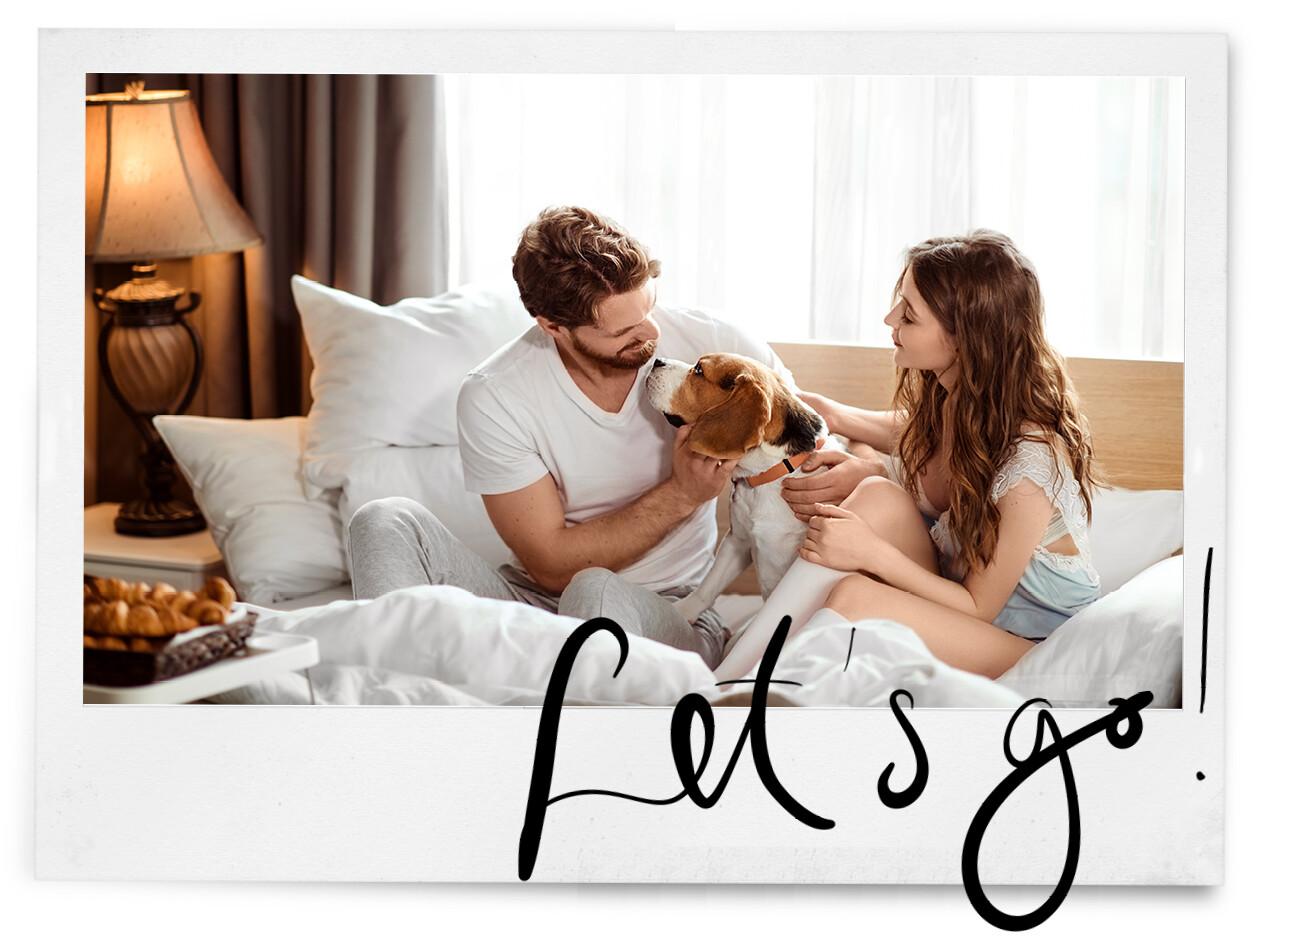 vrouw en man in bed met hond in een hotel